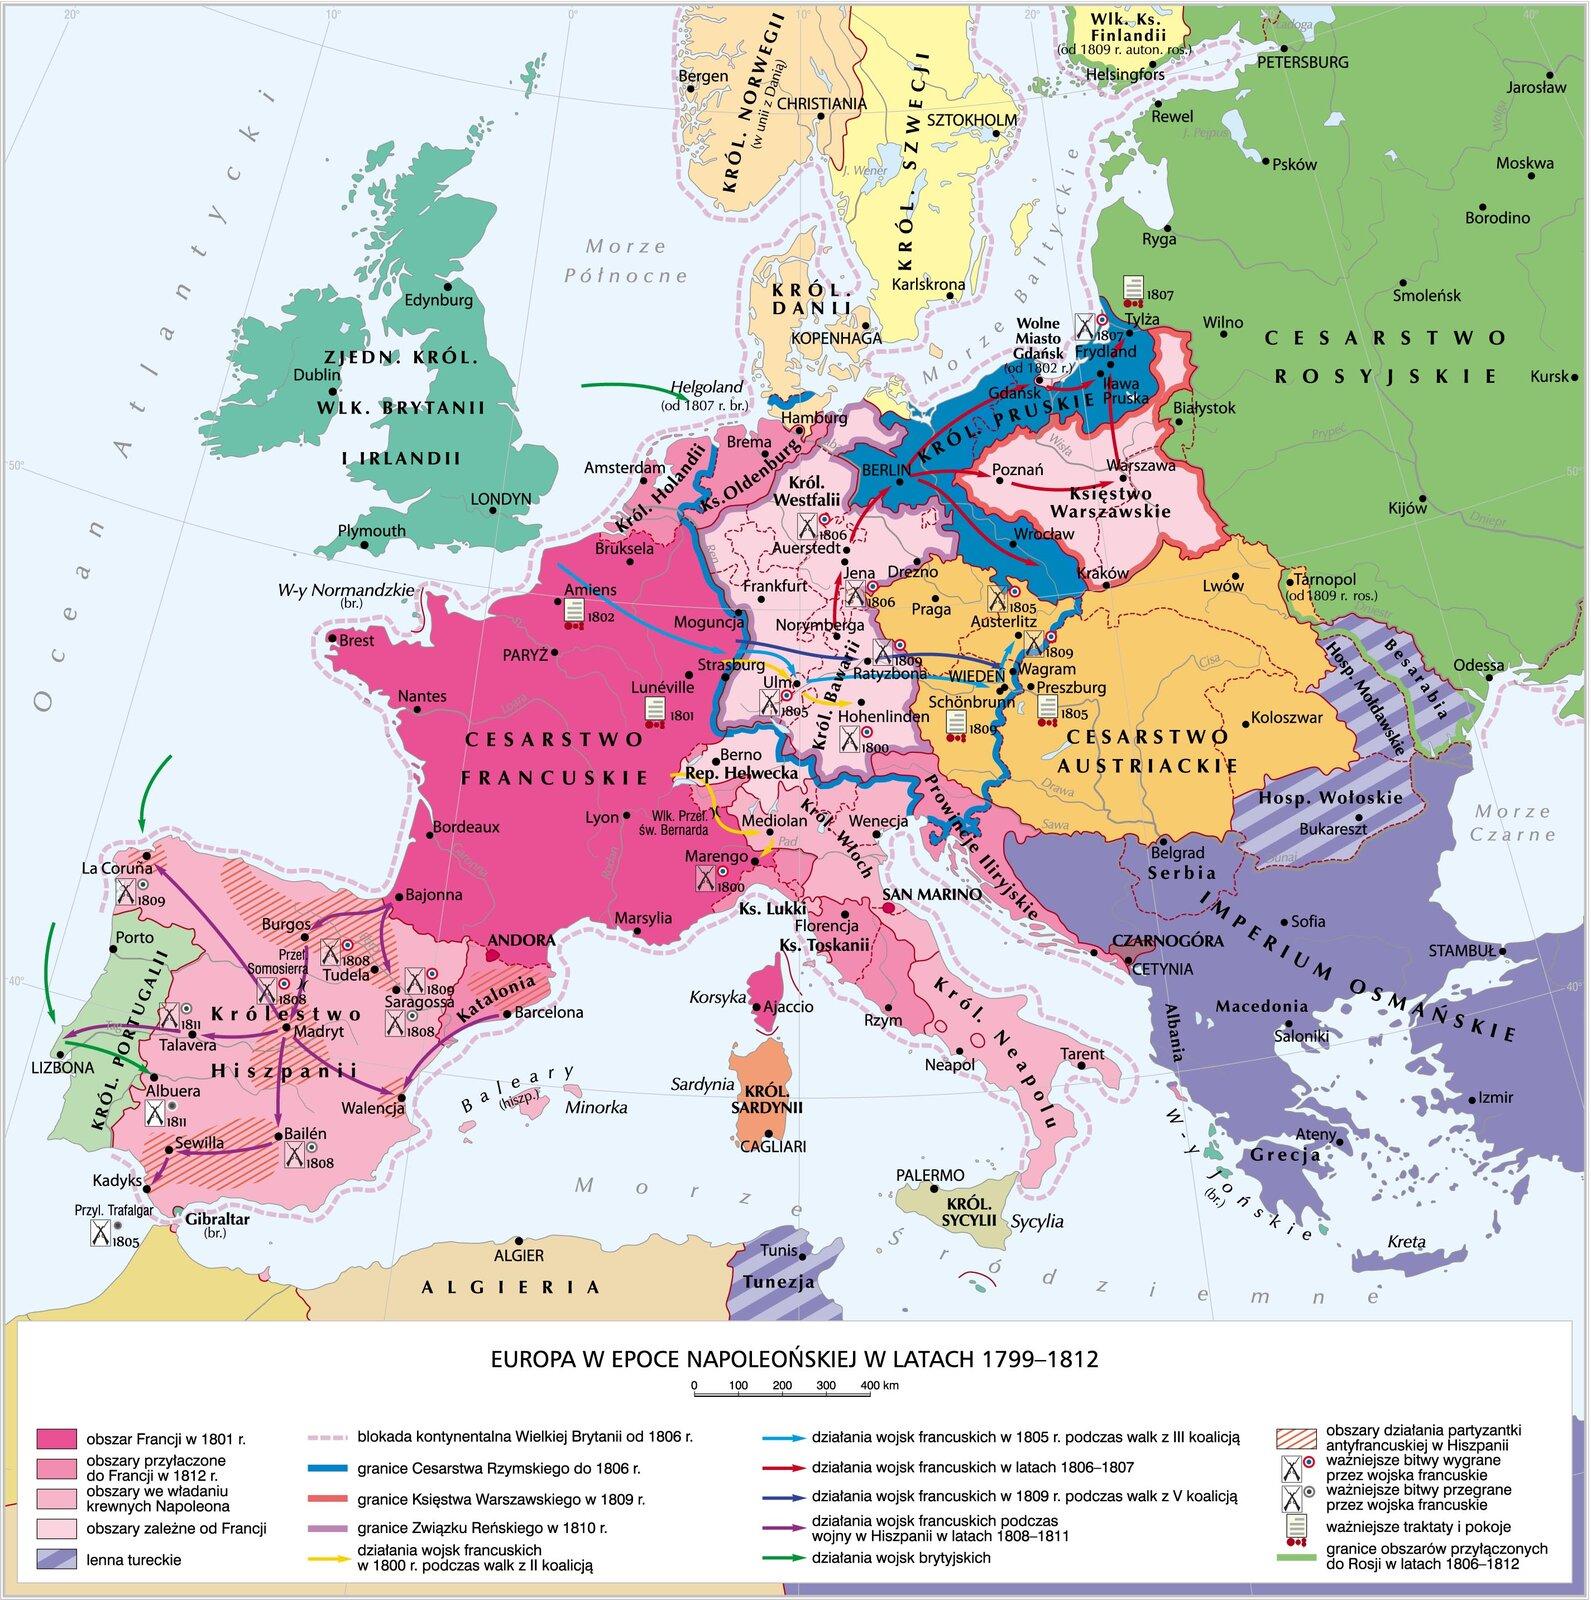 Europa wepoce napoleońskiej wlatach 1799–1812 Europa wepoce napoleońskiej wlatach 1799–1812 Źródło: Krystian Chariza izespół, licencja: CC BY 3.0.